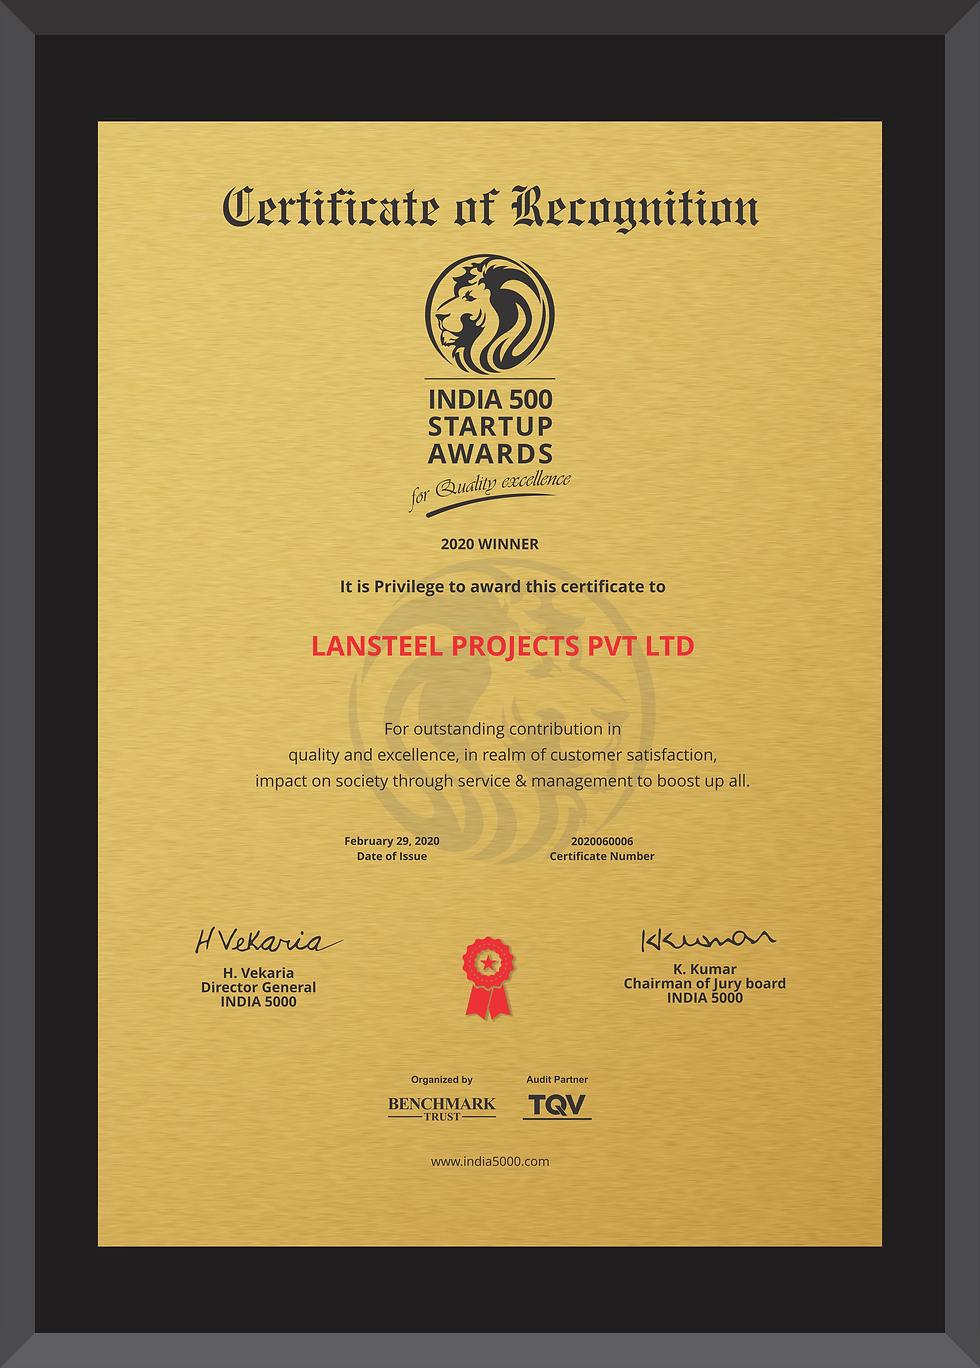 Lansteel Startup Award